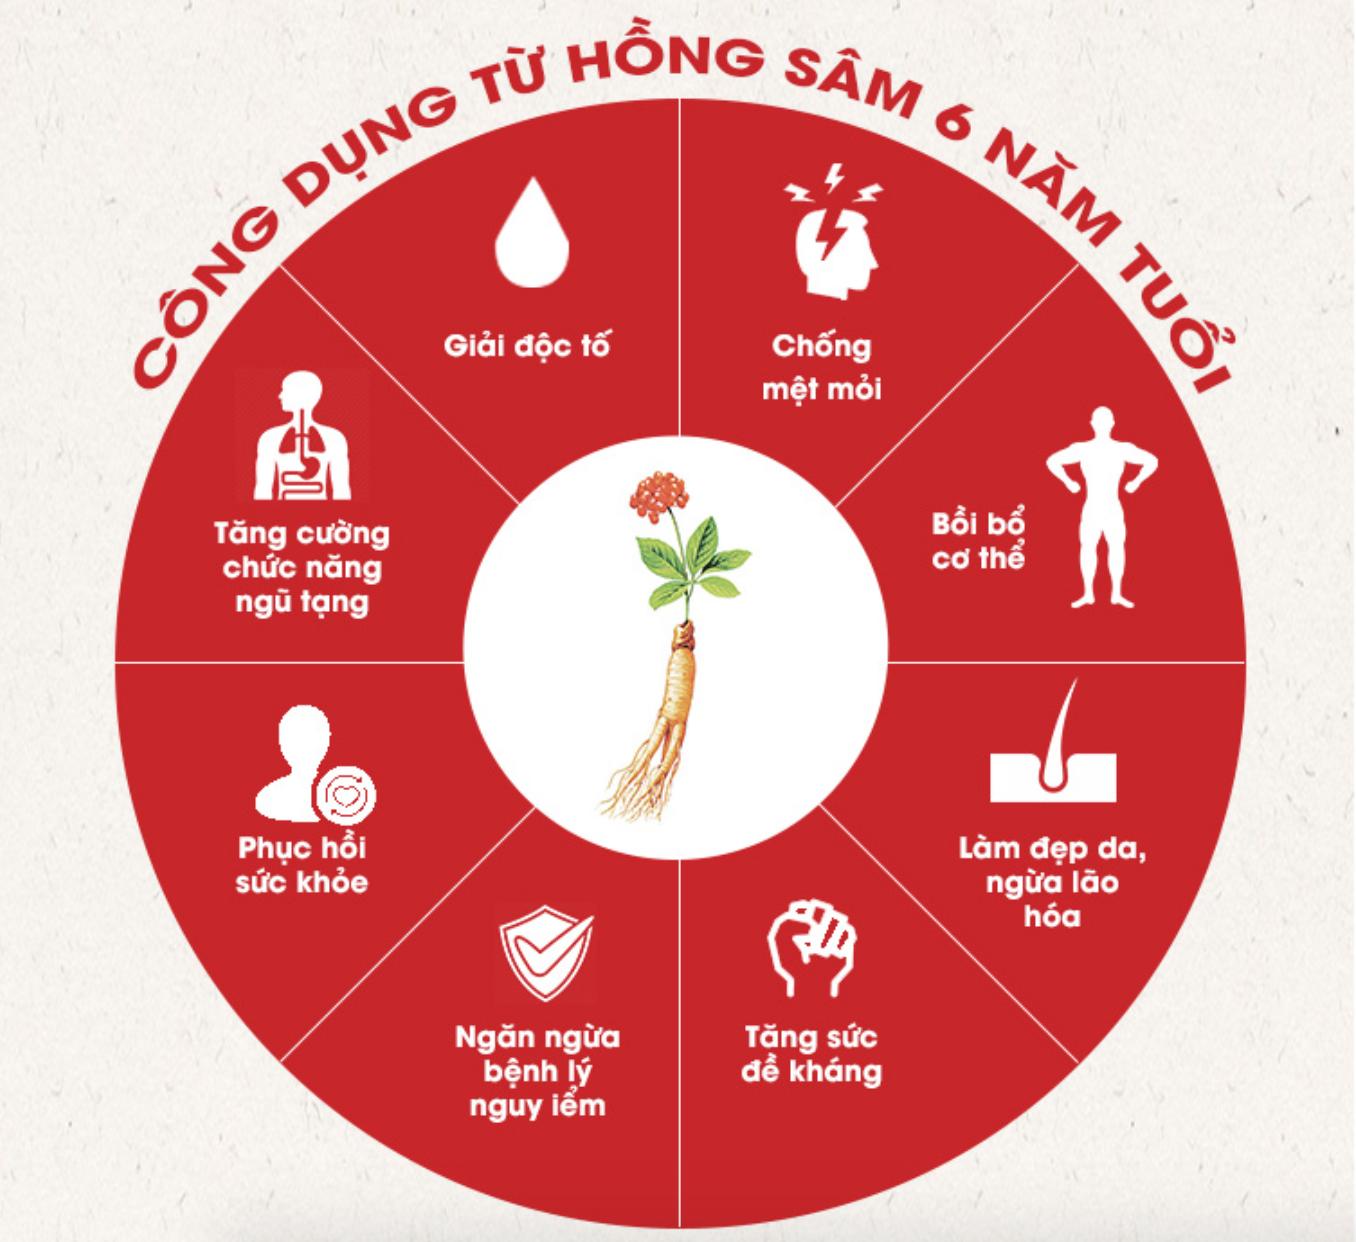 Cong-dung-Hong-Sam-Han-Quoc-KGC